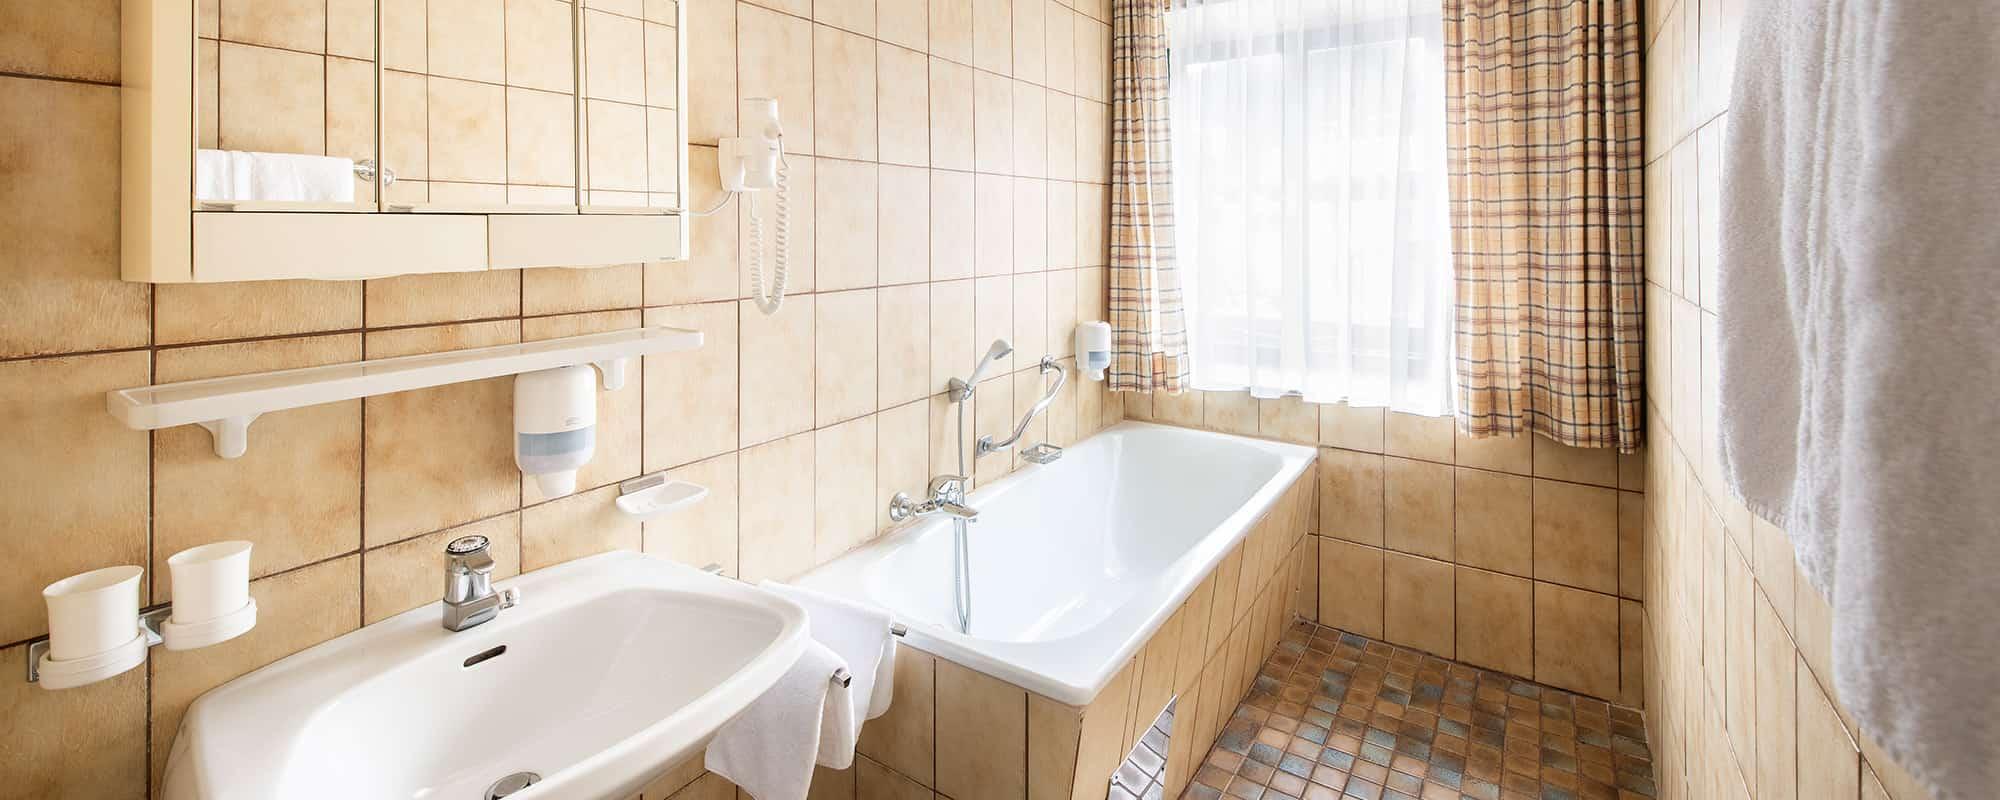 MANNI low budget entspannung in ihrer eigenen Badewanne